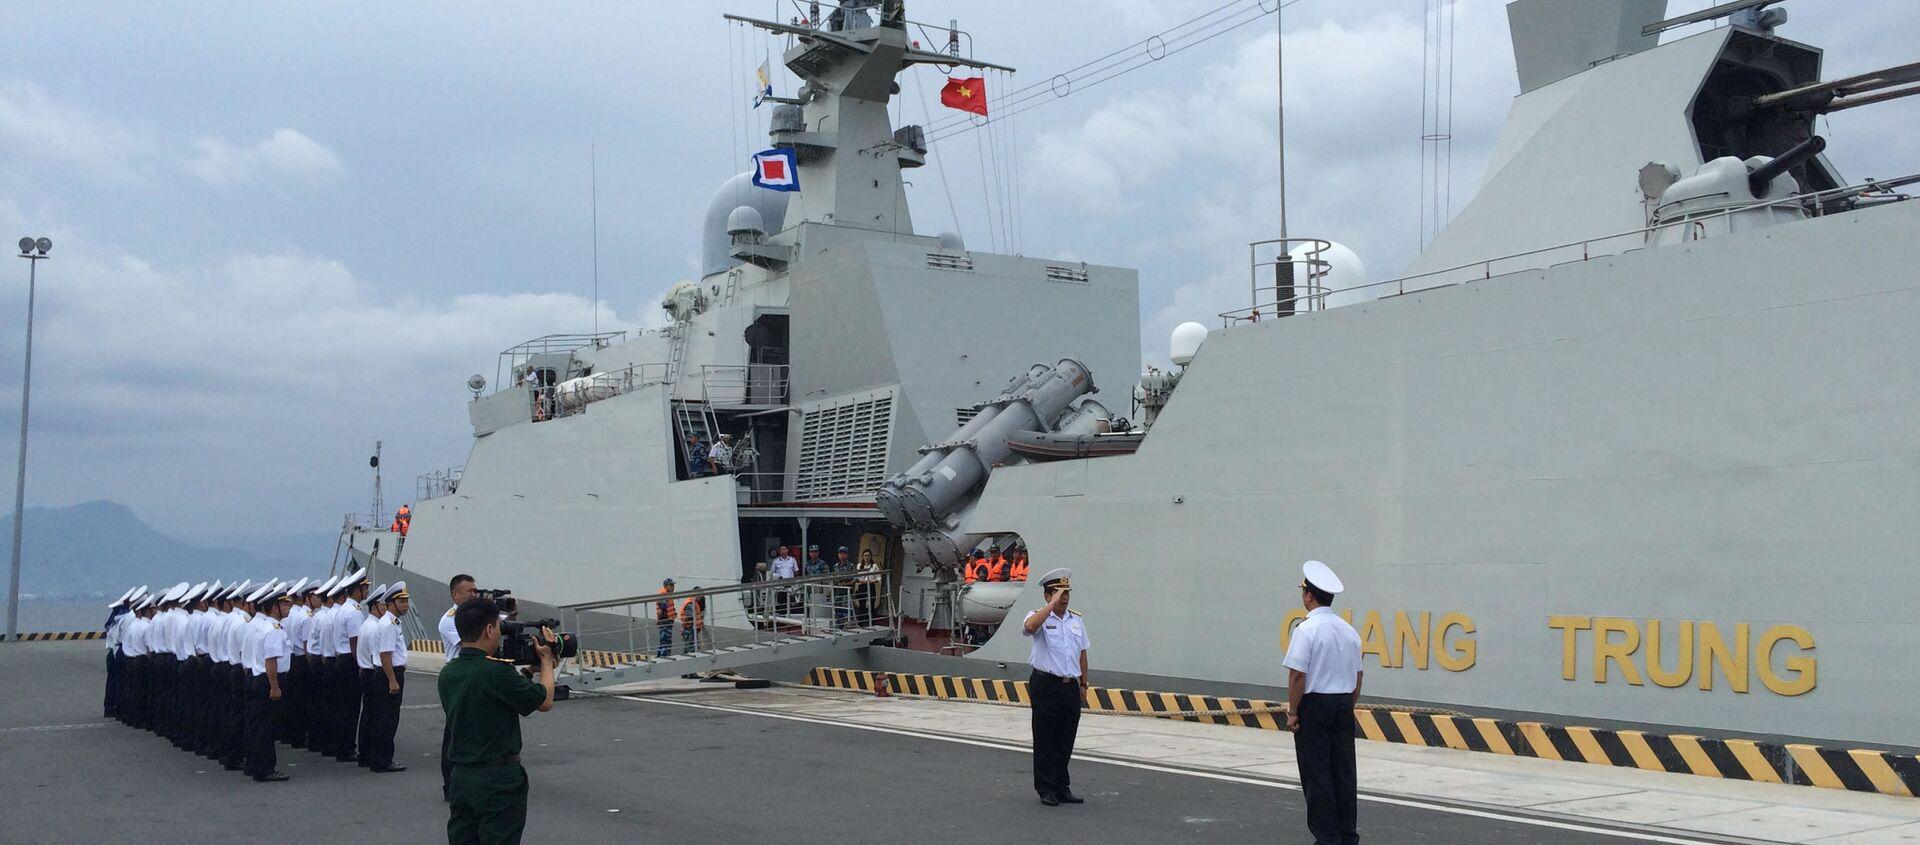 Đoàn Hải quân Việt Nam cùng Tàu hộ vệ 016 Quang Trung tham gia Diễn tập ADMM+ và dự Triển lãm IMDEX 2019 tại Singapore - Sputnik Việt Nam, 1920, 20.08.2021